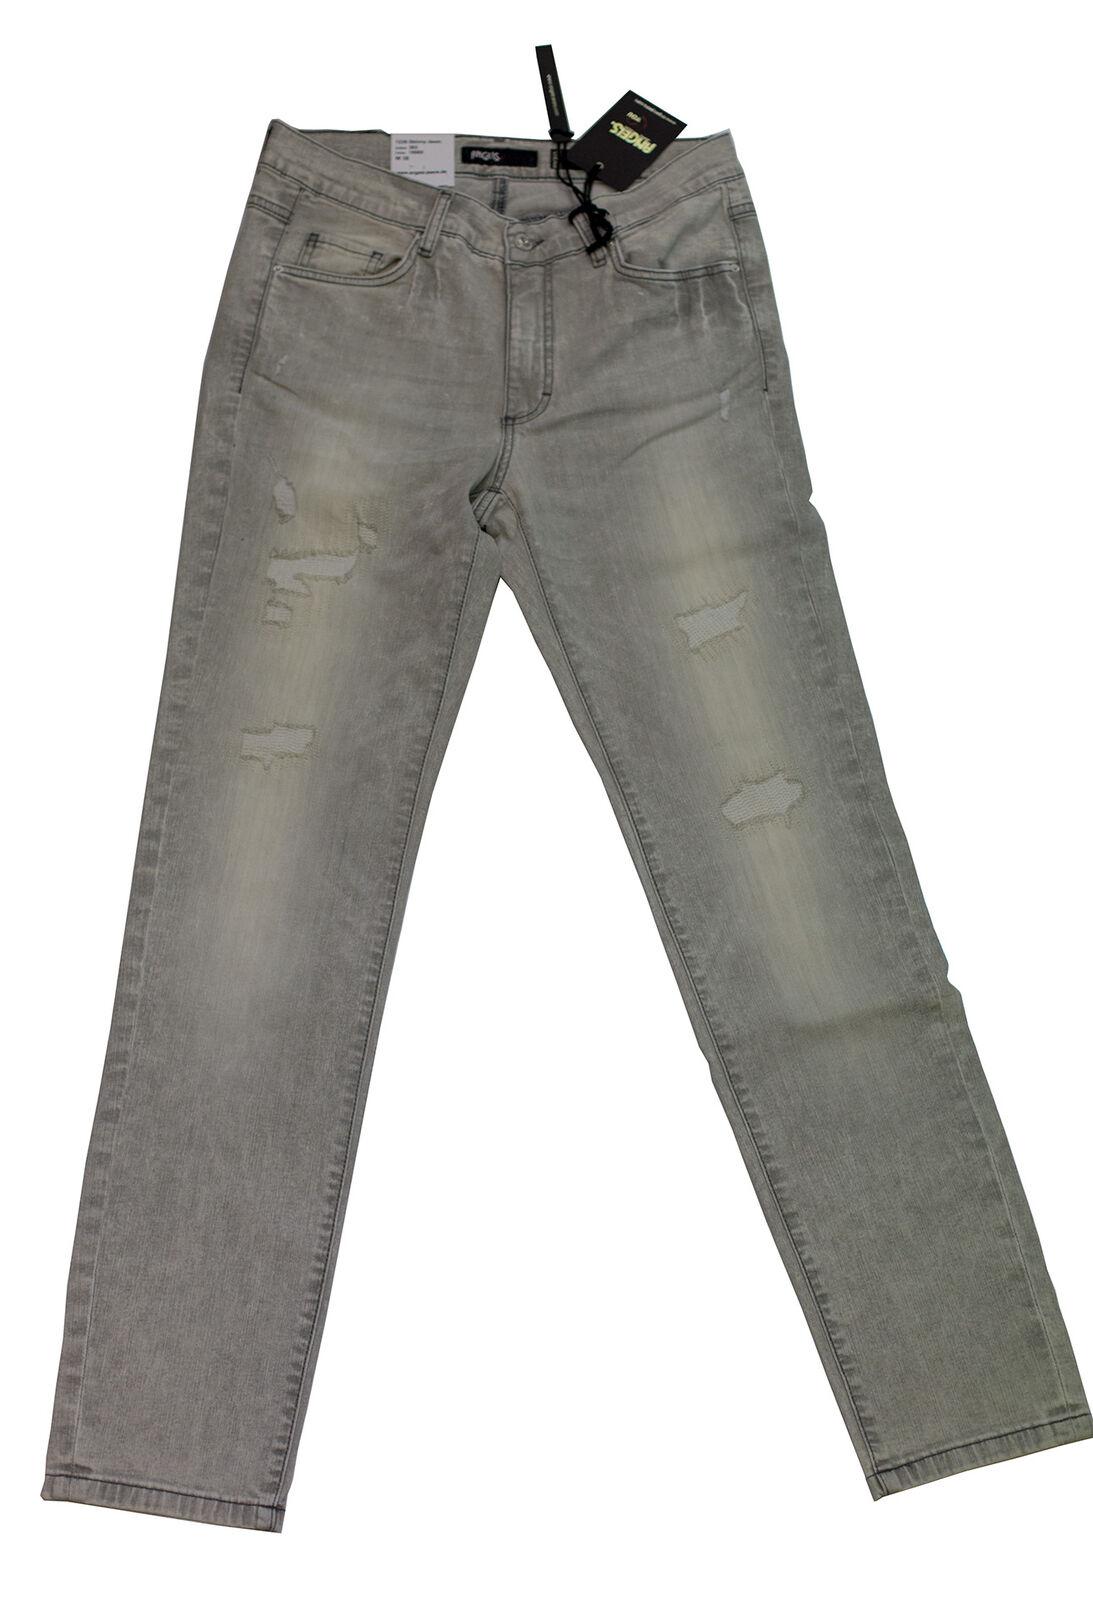 Angels Jeans Skinny destr. destr. destr. light grau used buffi Damen Hose viele Größen Röhre | Mama kaufte ein bequemes, Baby ist glücklich  6ba8d0